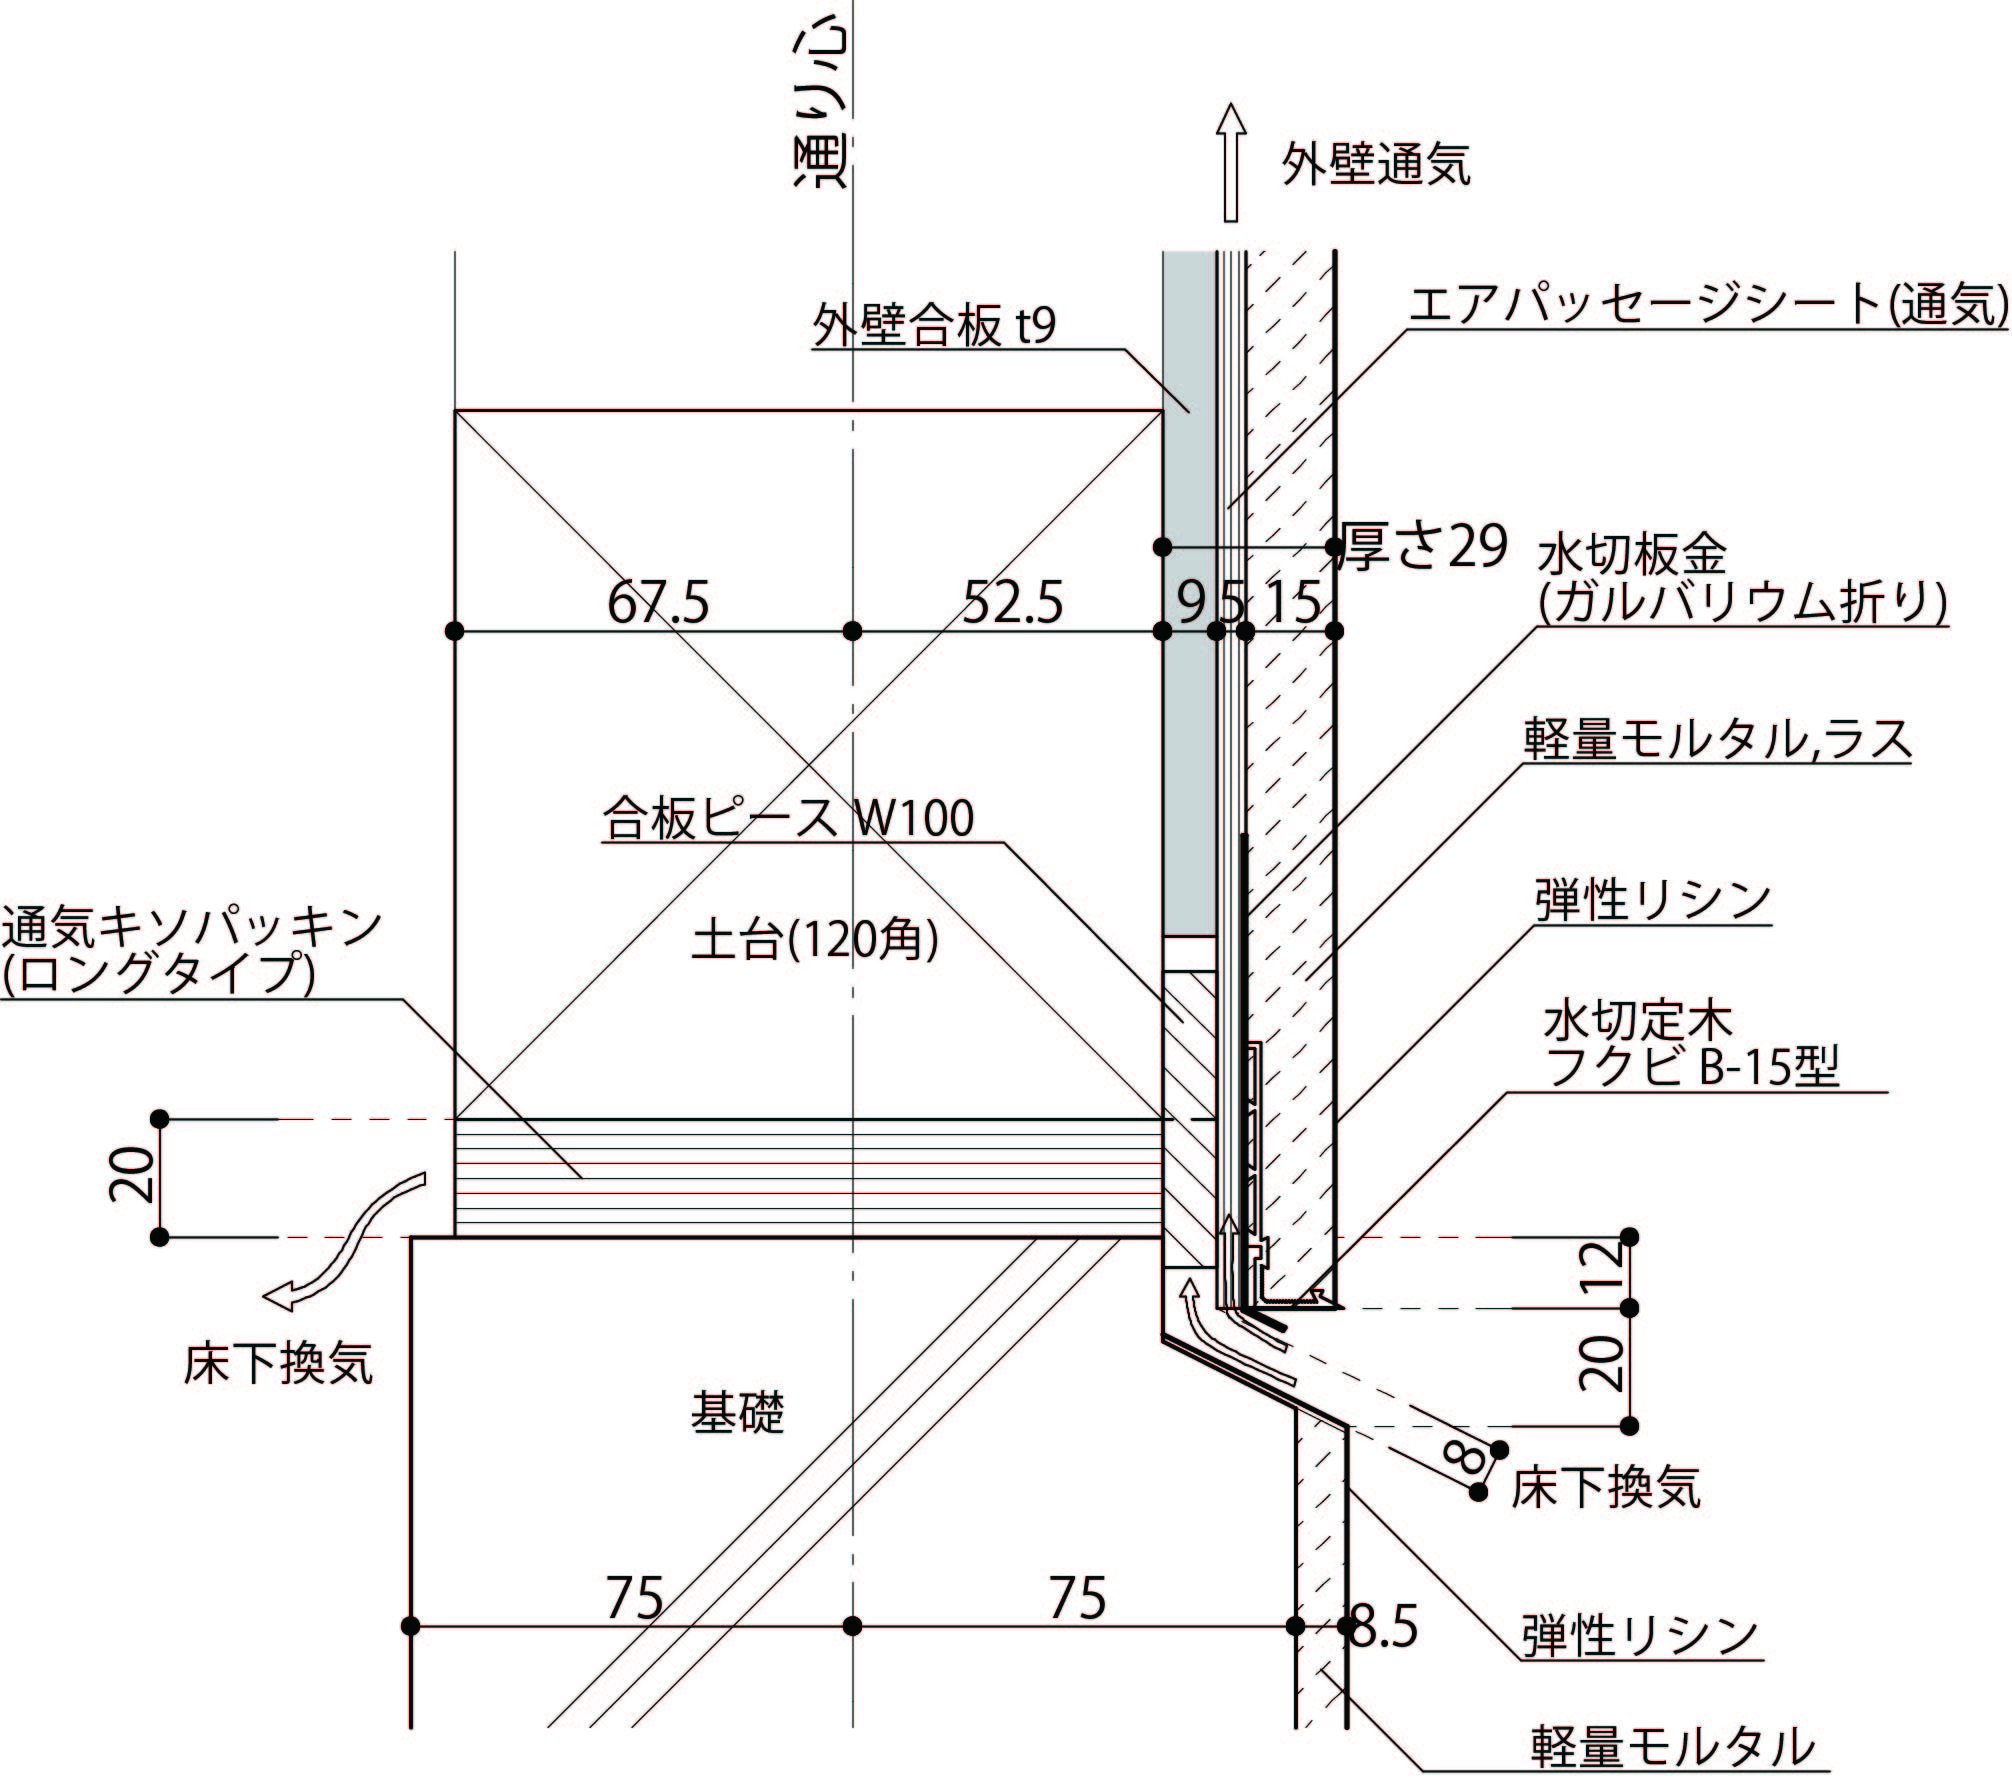 土台水切レス図面画像 詳細図面 施工図 ディテール